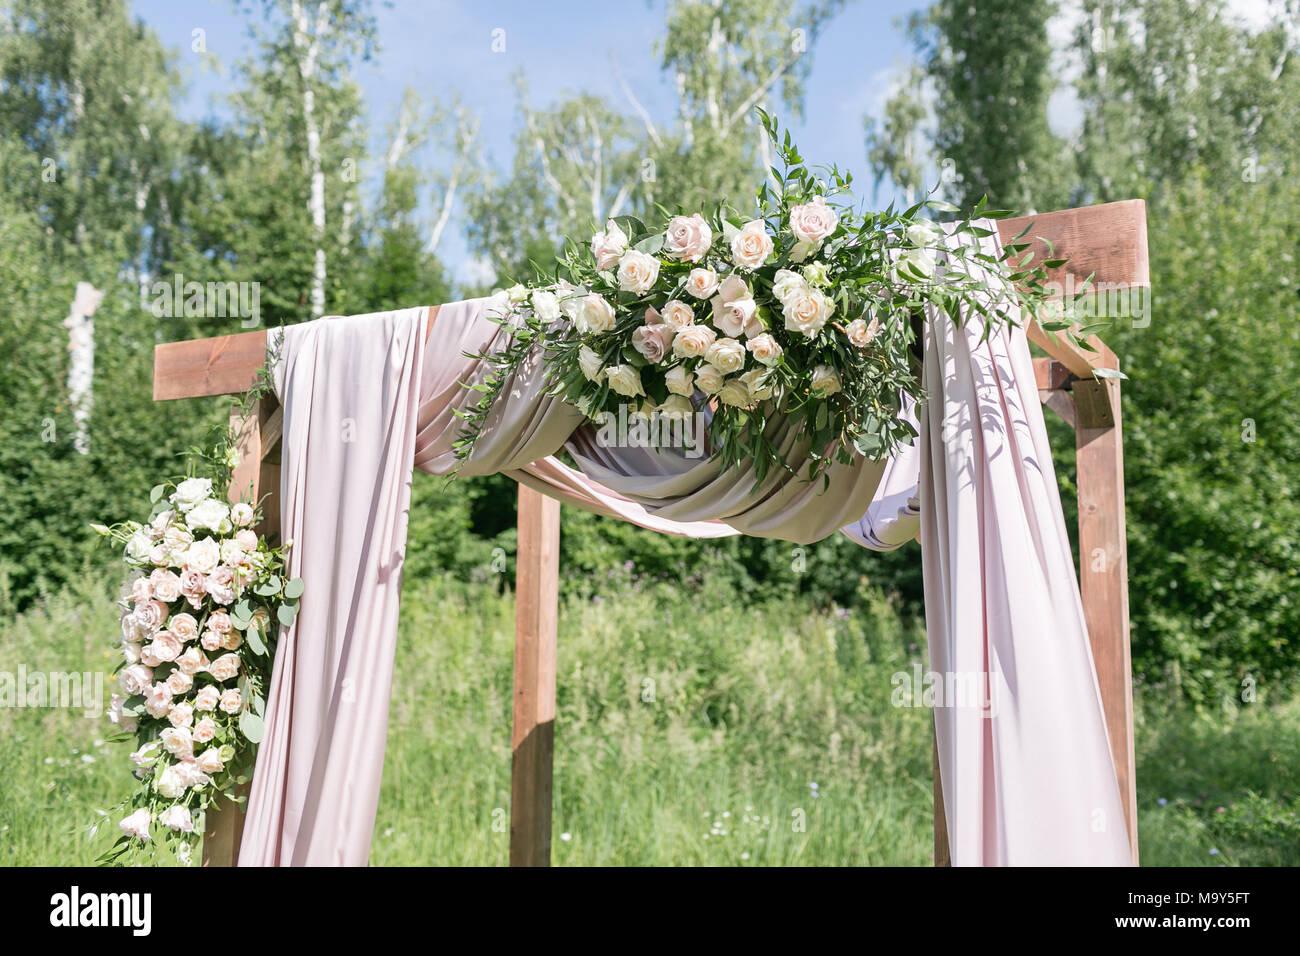 arche en bois d cor es de fleurs sont dans la zone de la c r monie de mariage dans une for t. Black Bedroom Furniture Sets. Home Design Ideas